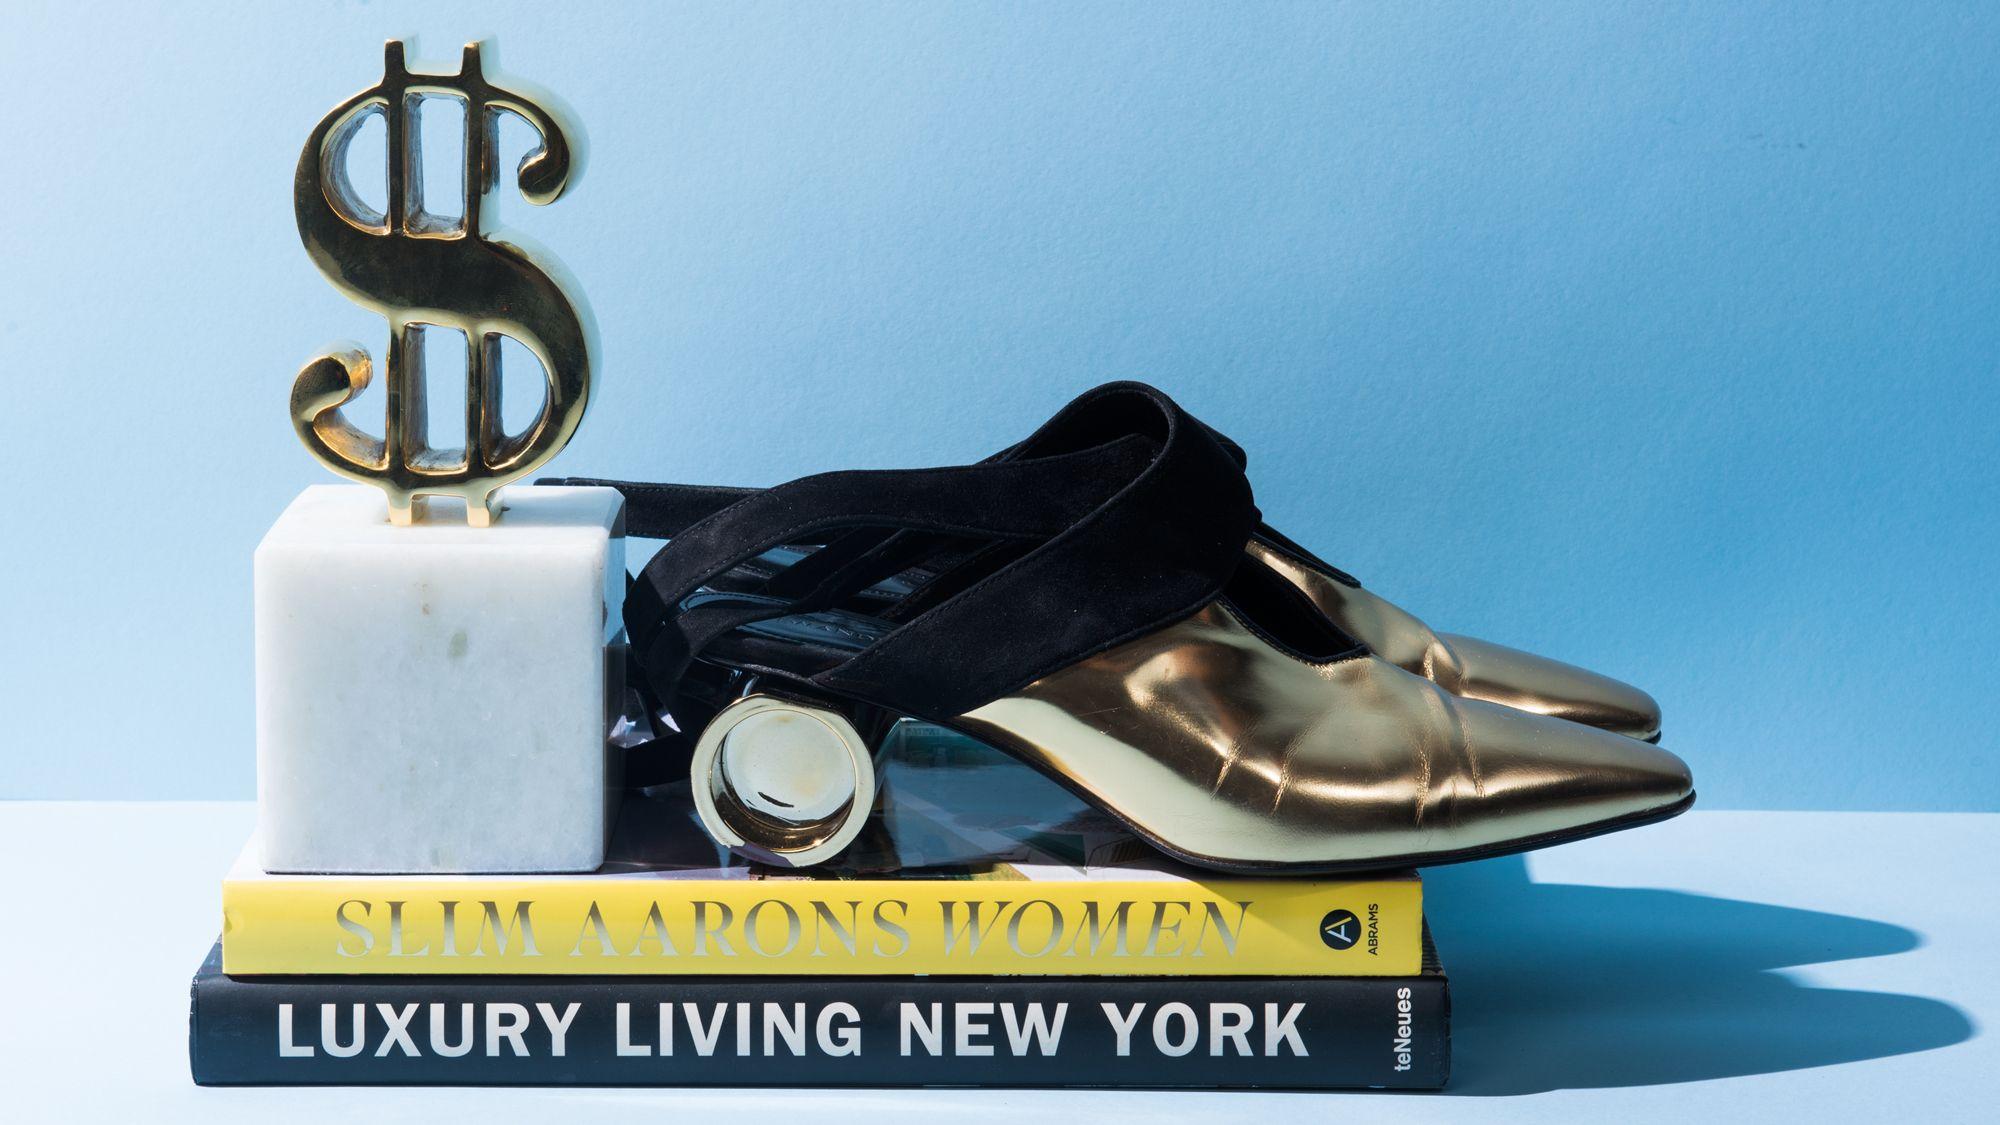 celebrity financial advisor tips